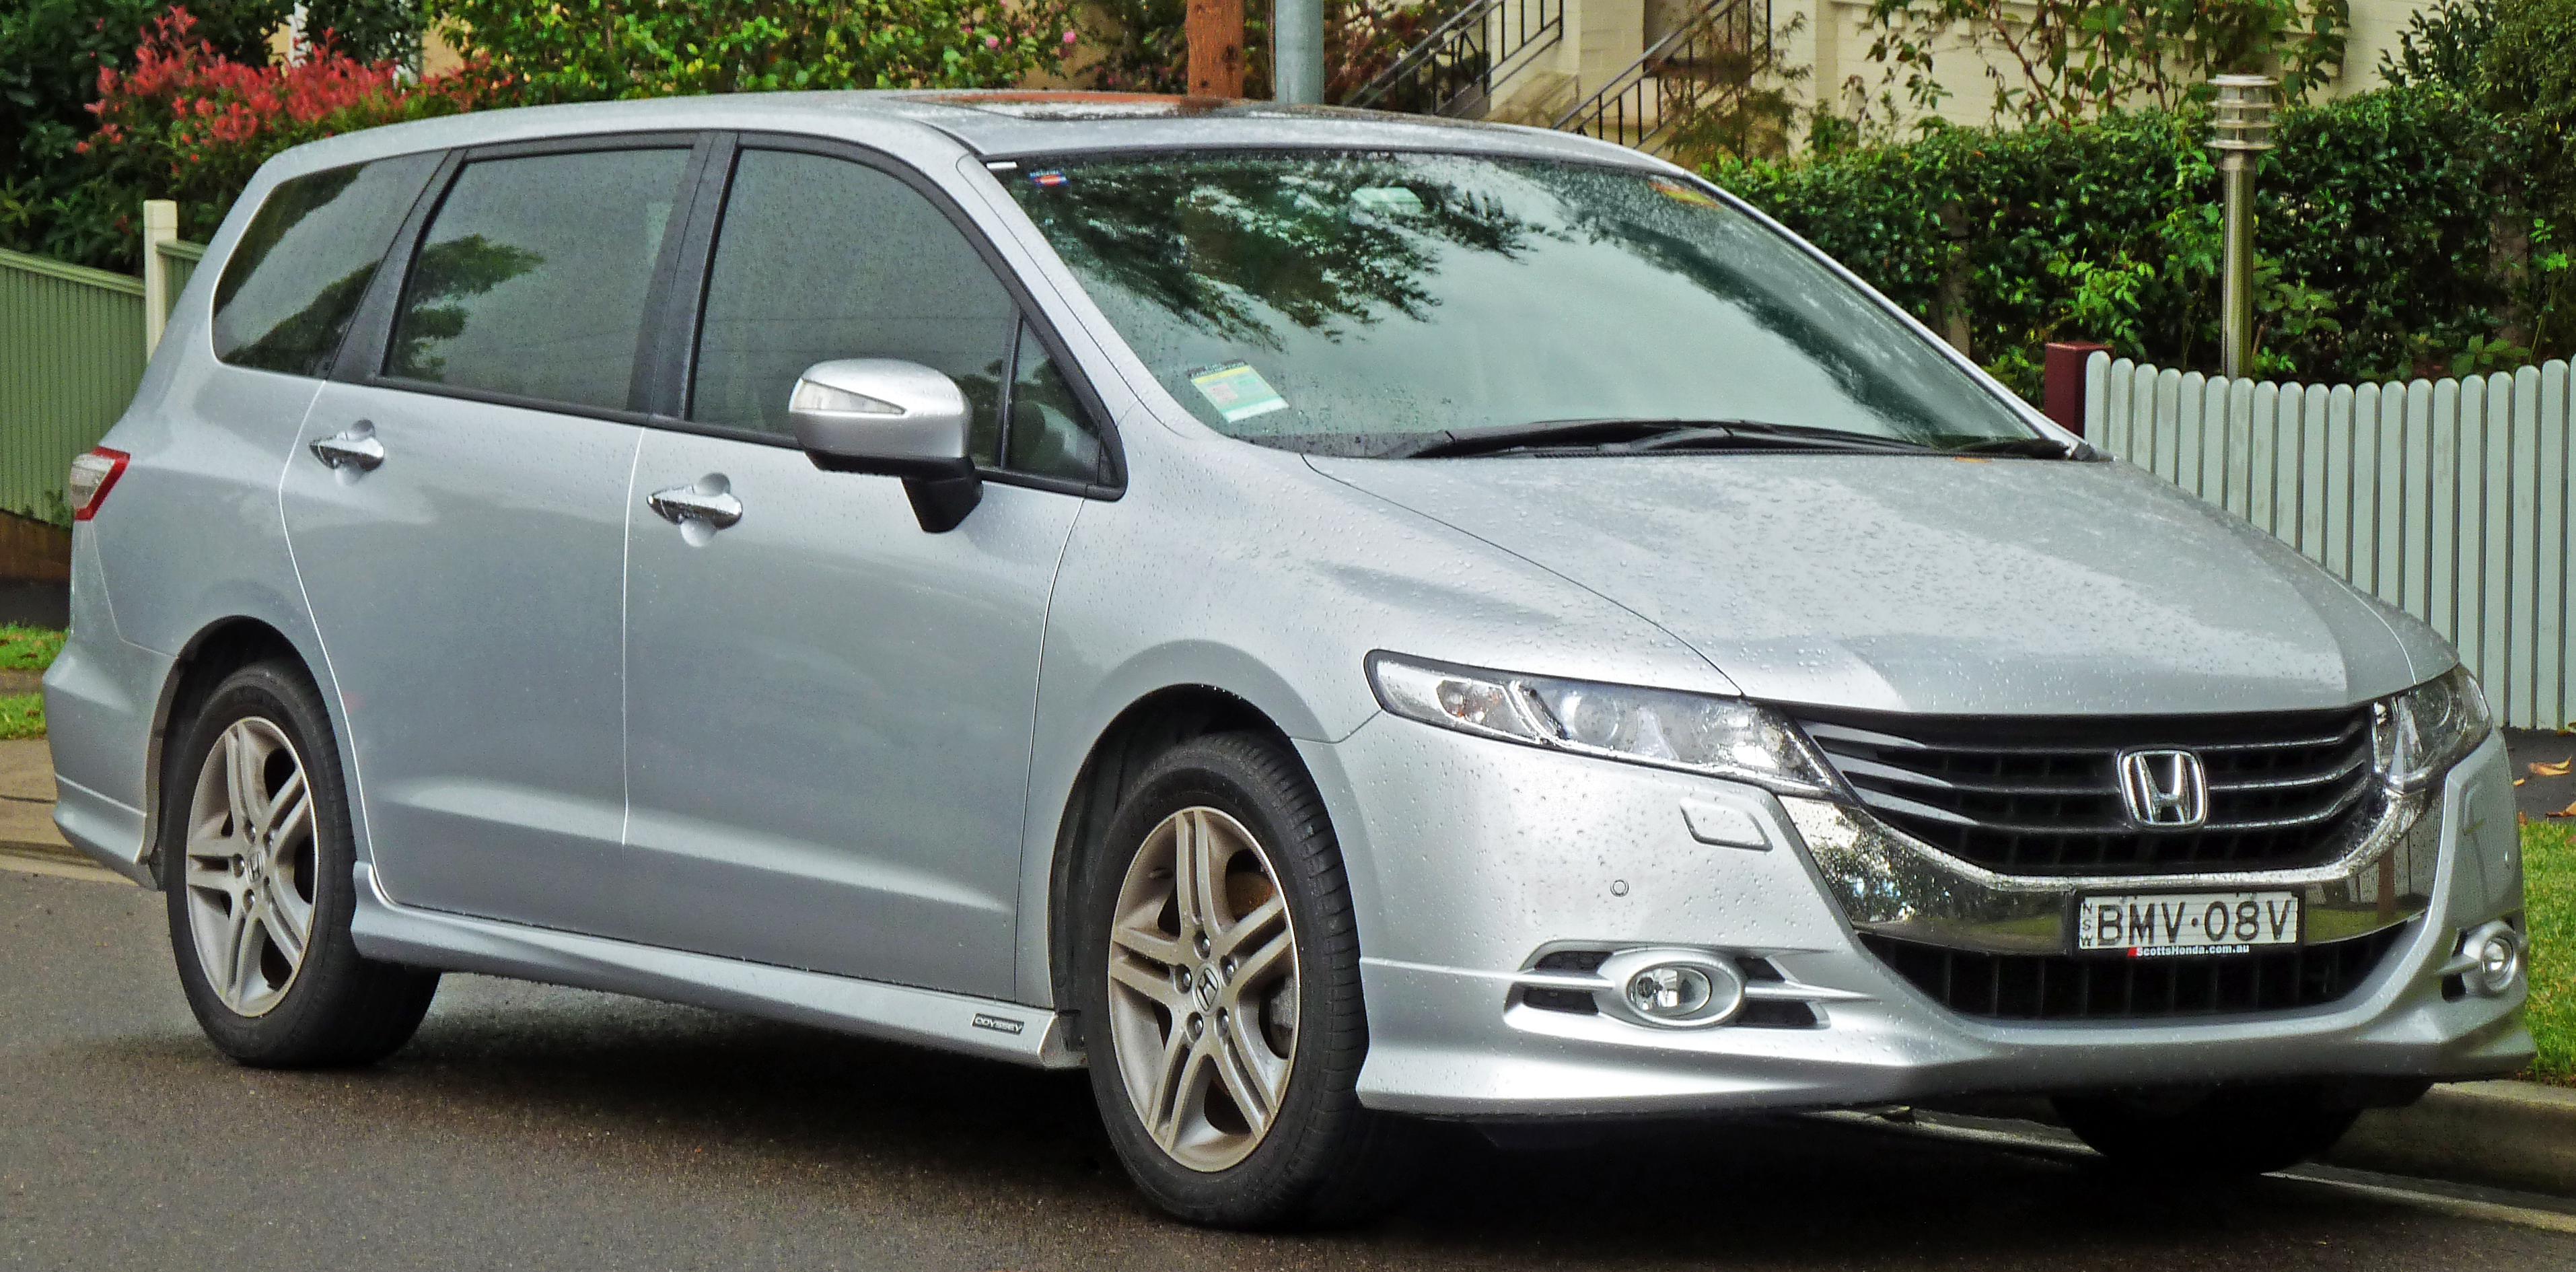 2011 Honda Odyssey Image 10